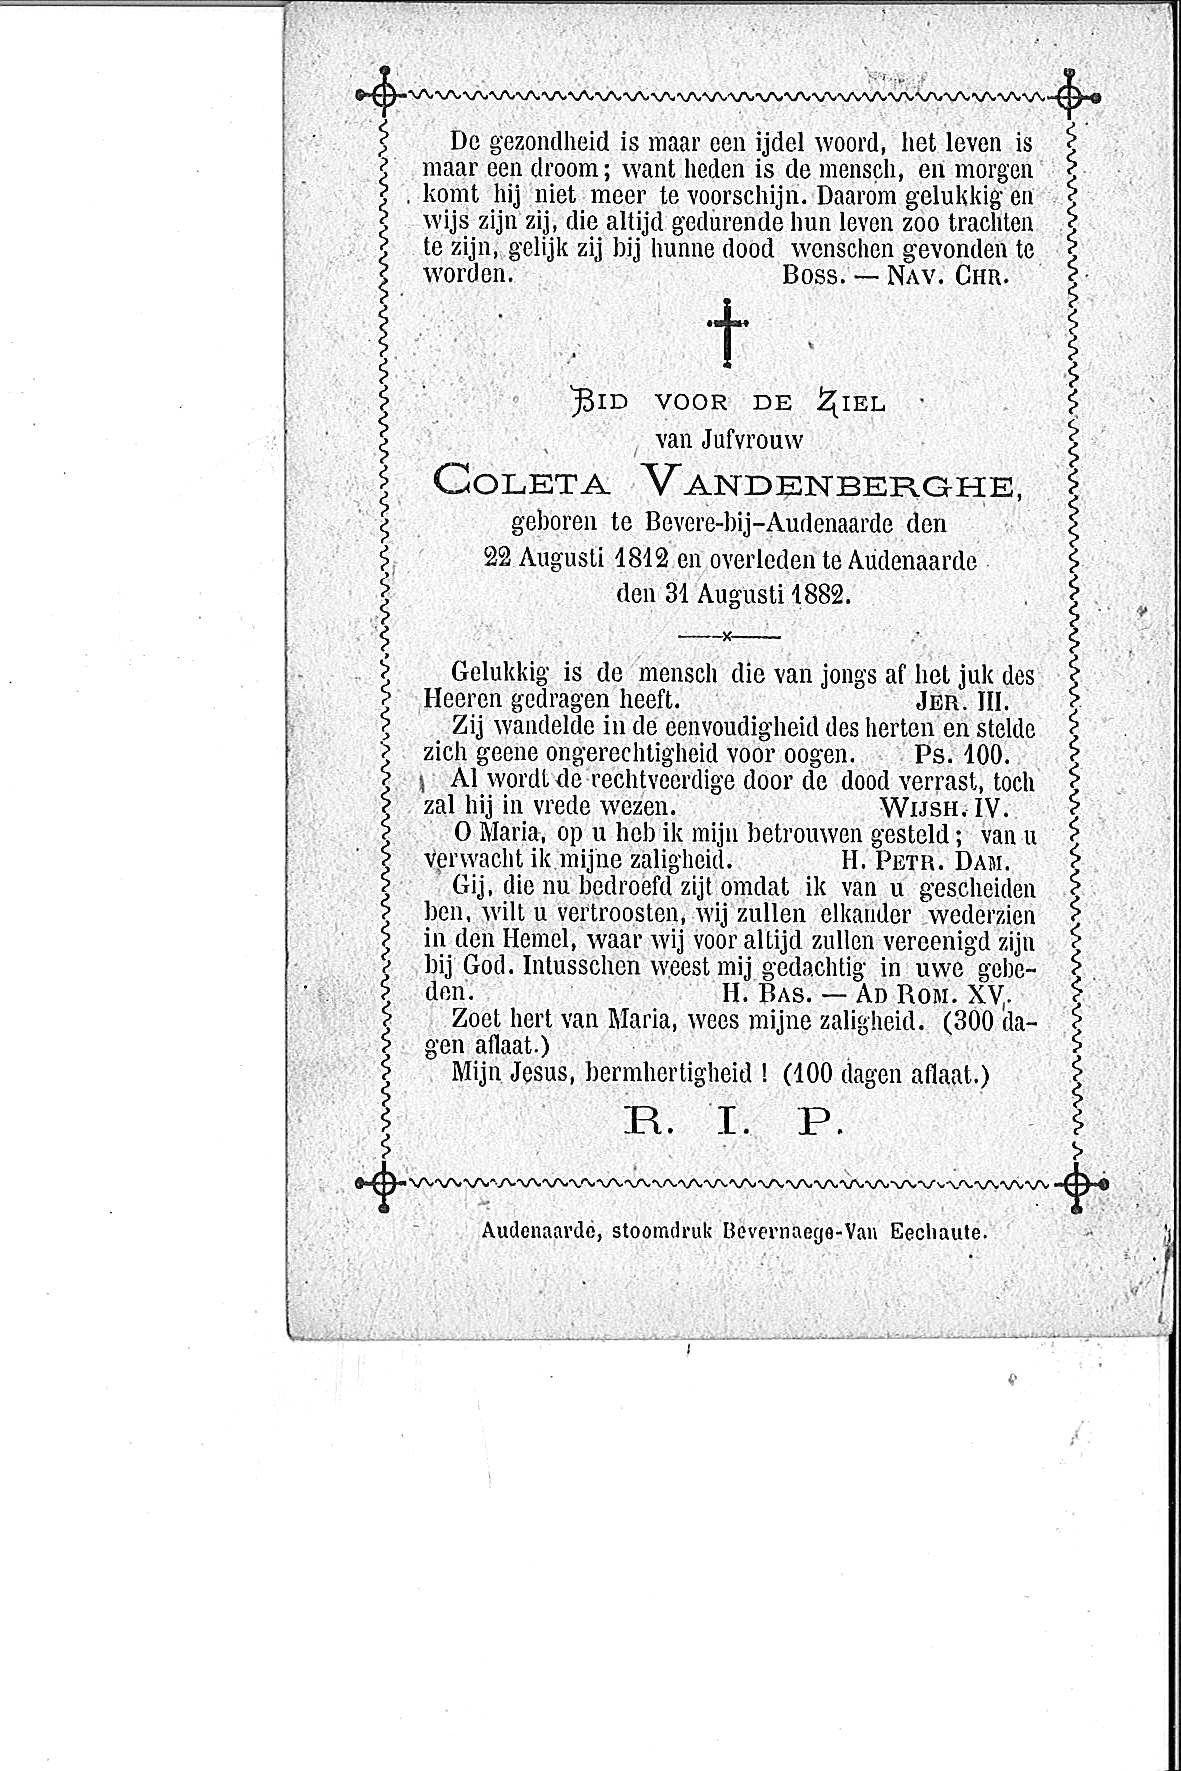 Coleta(1882)20150803081045_00027.jpg